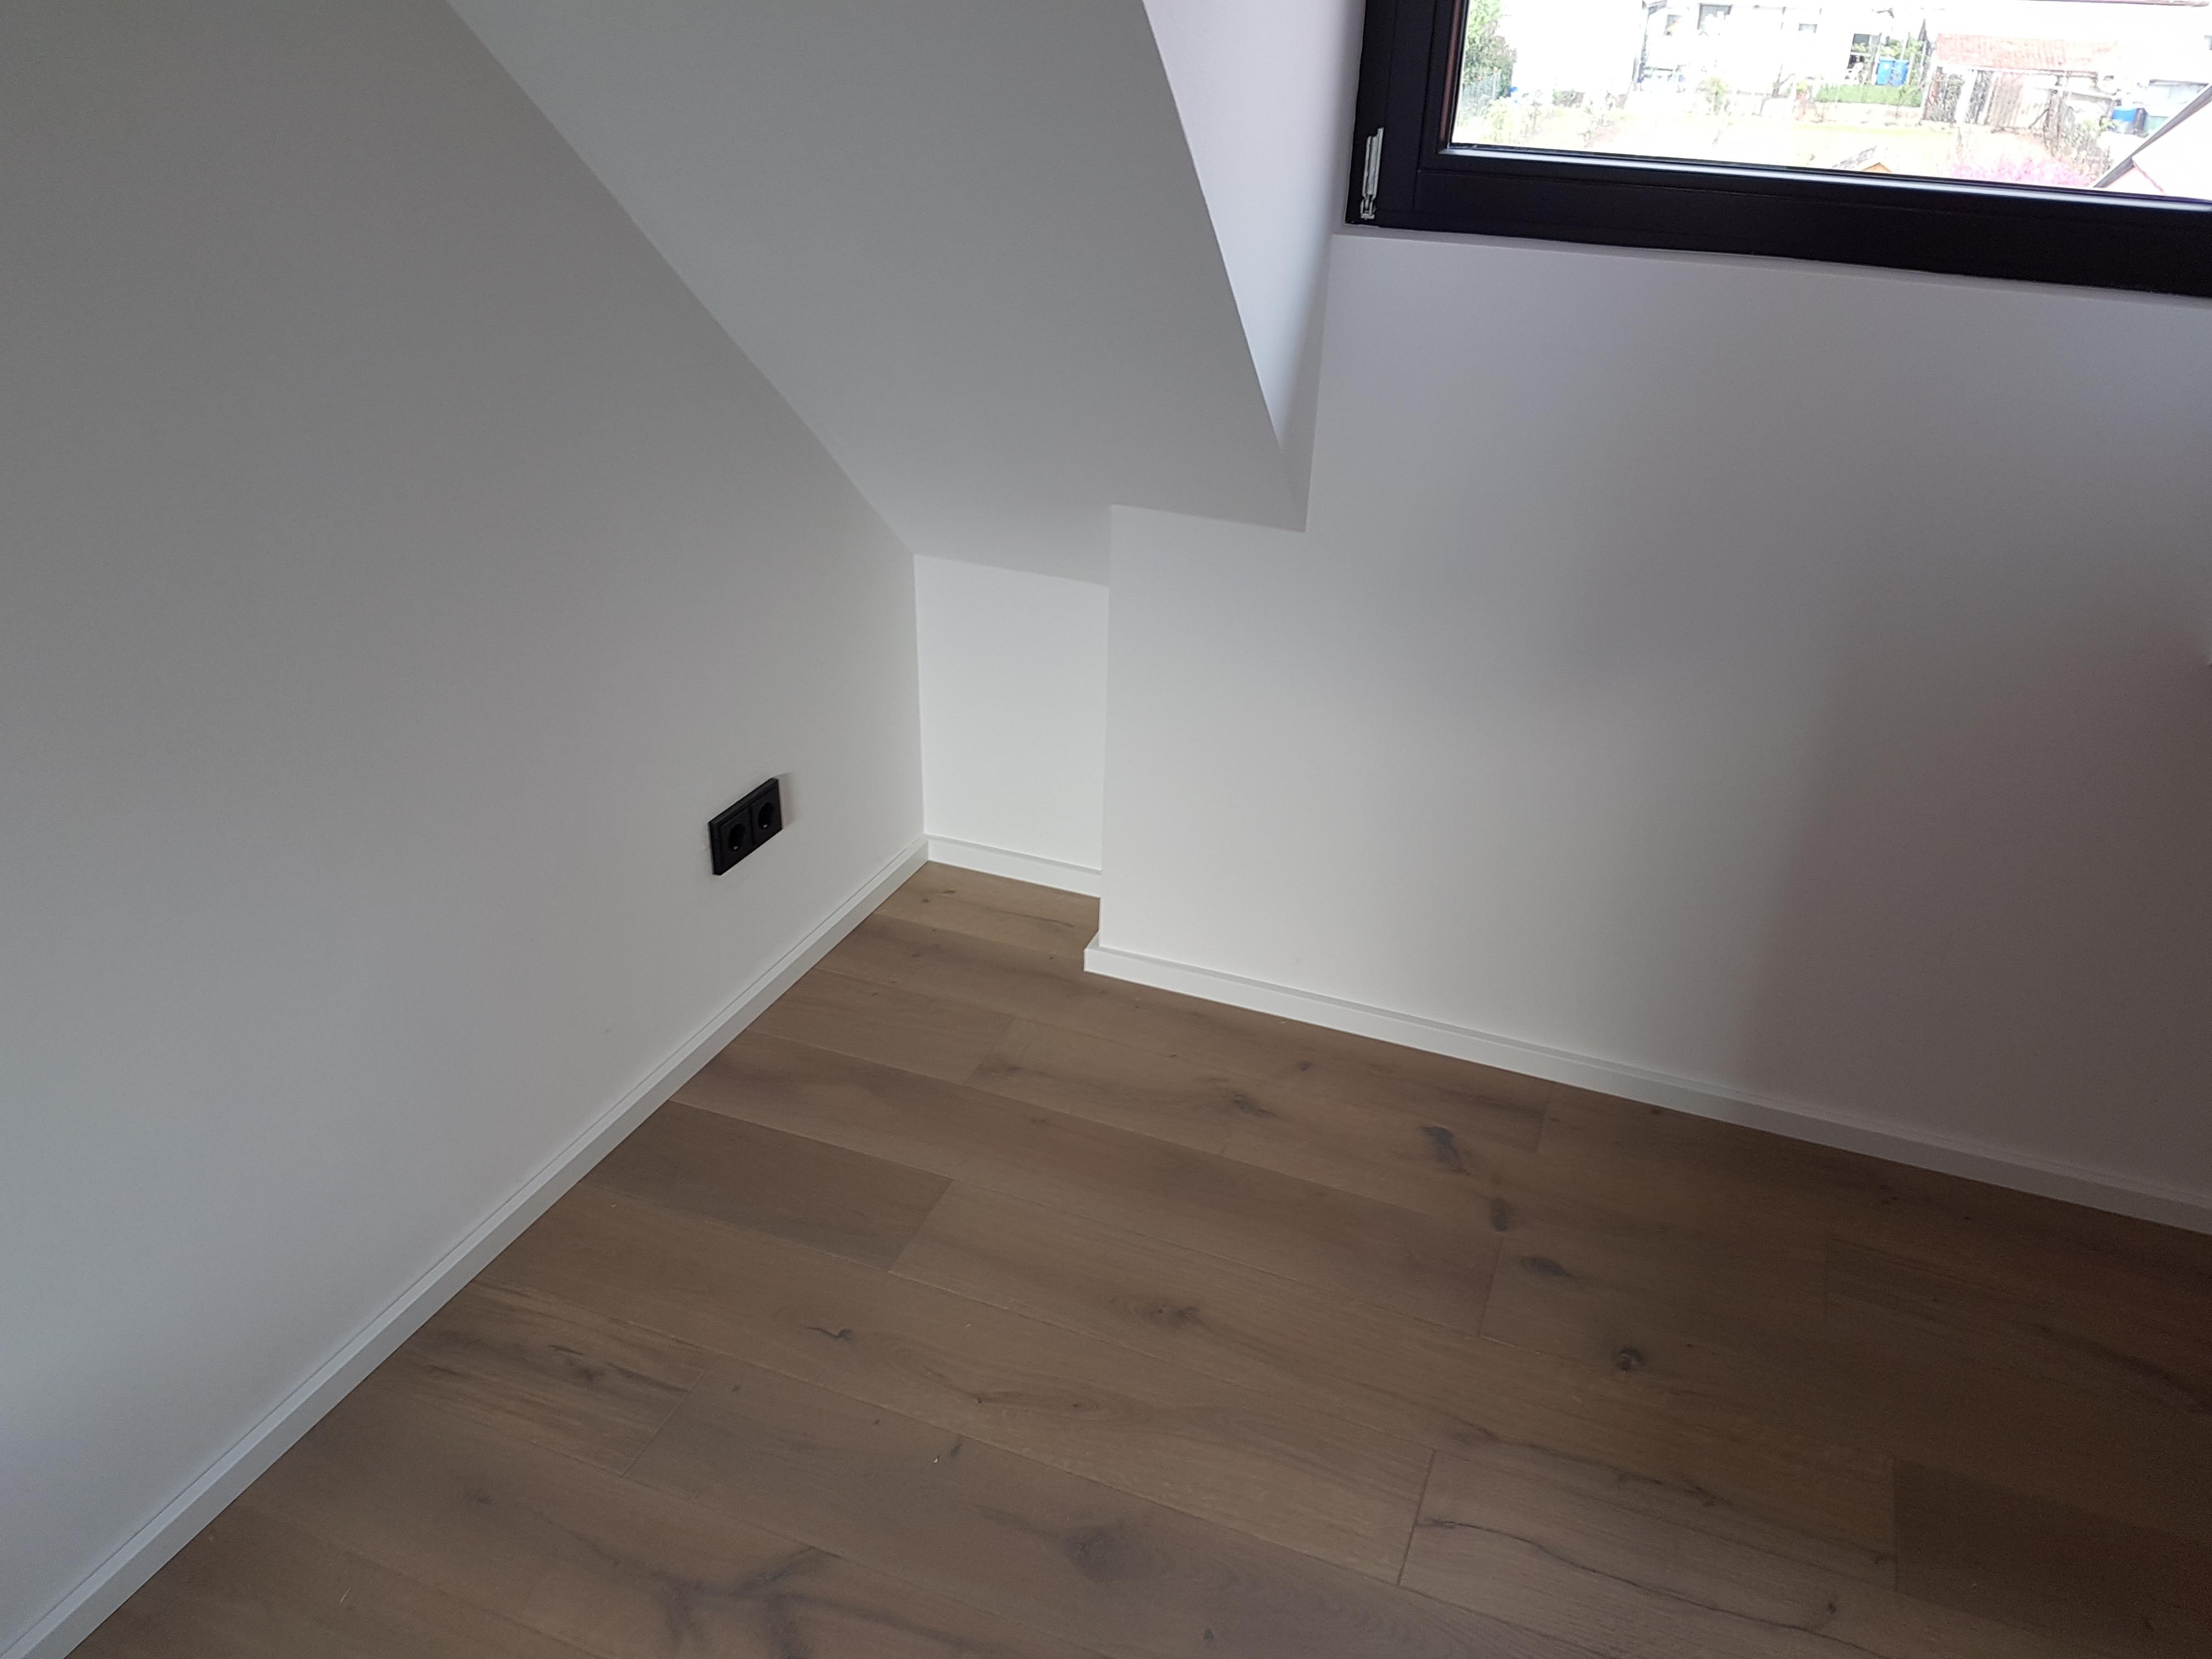 Fußboden Fliesen Oder Parkett ~ Boden verlegen parkett laminat vinyl fliesen bpk würzburg